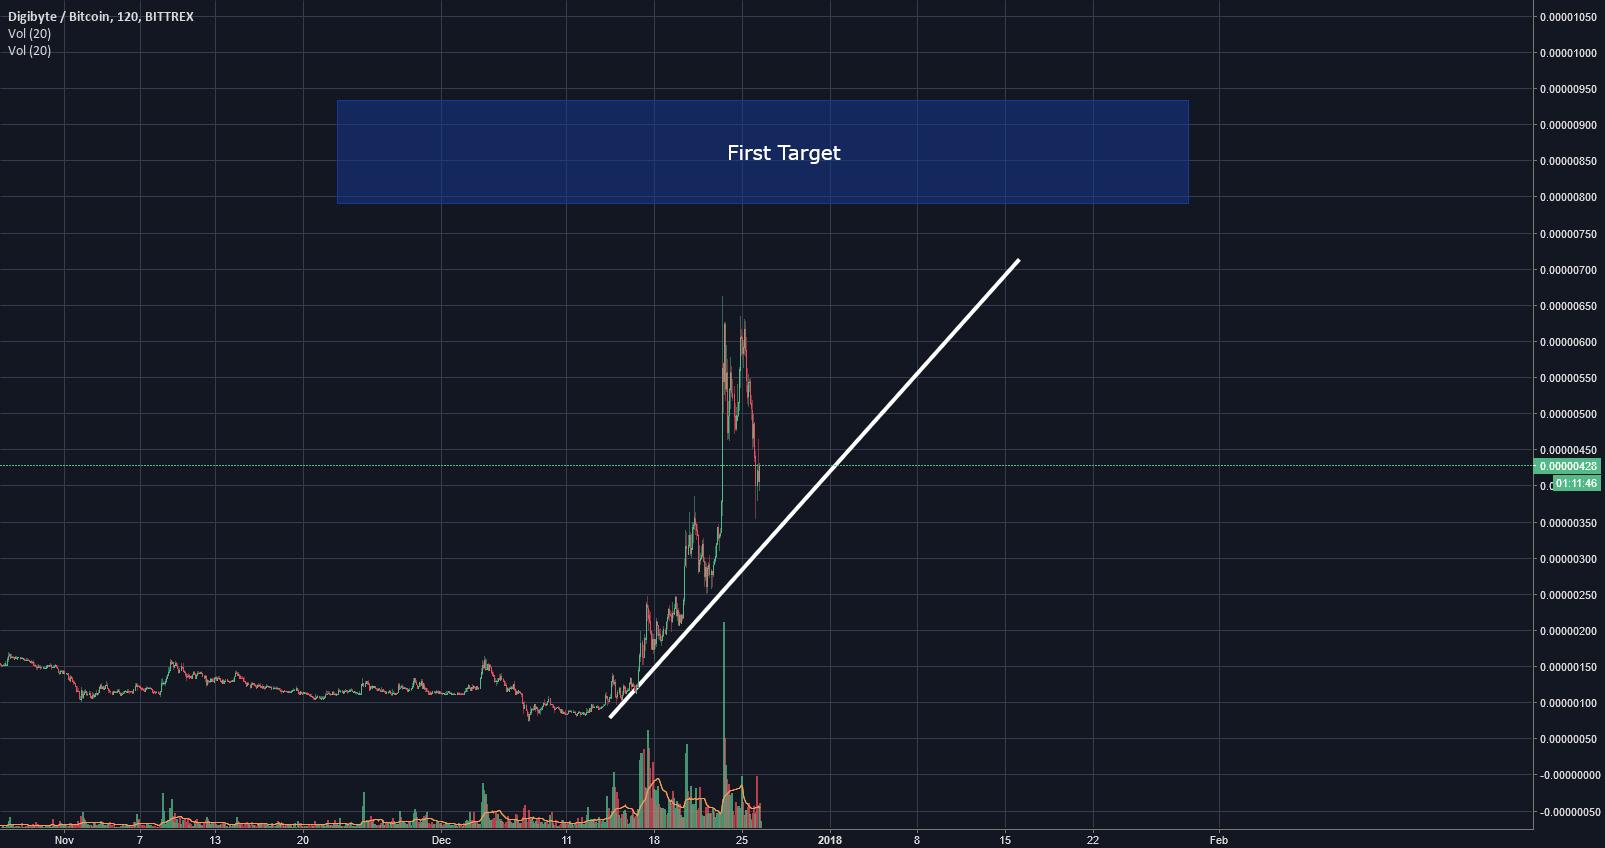 DGB - Bullish [100% ROI]